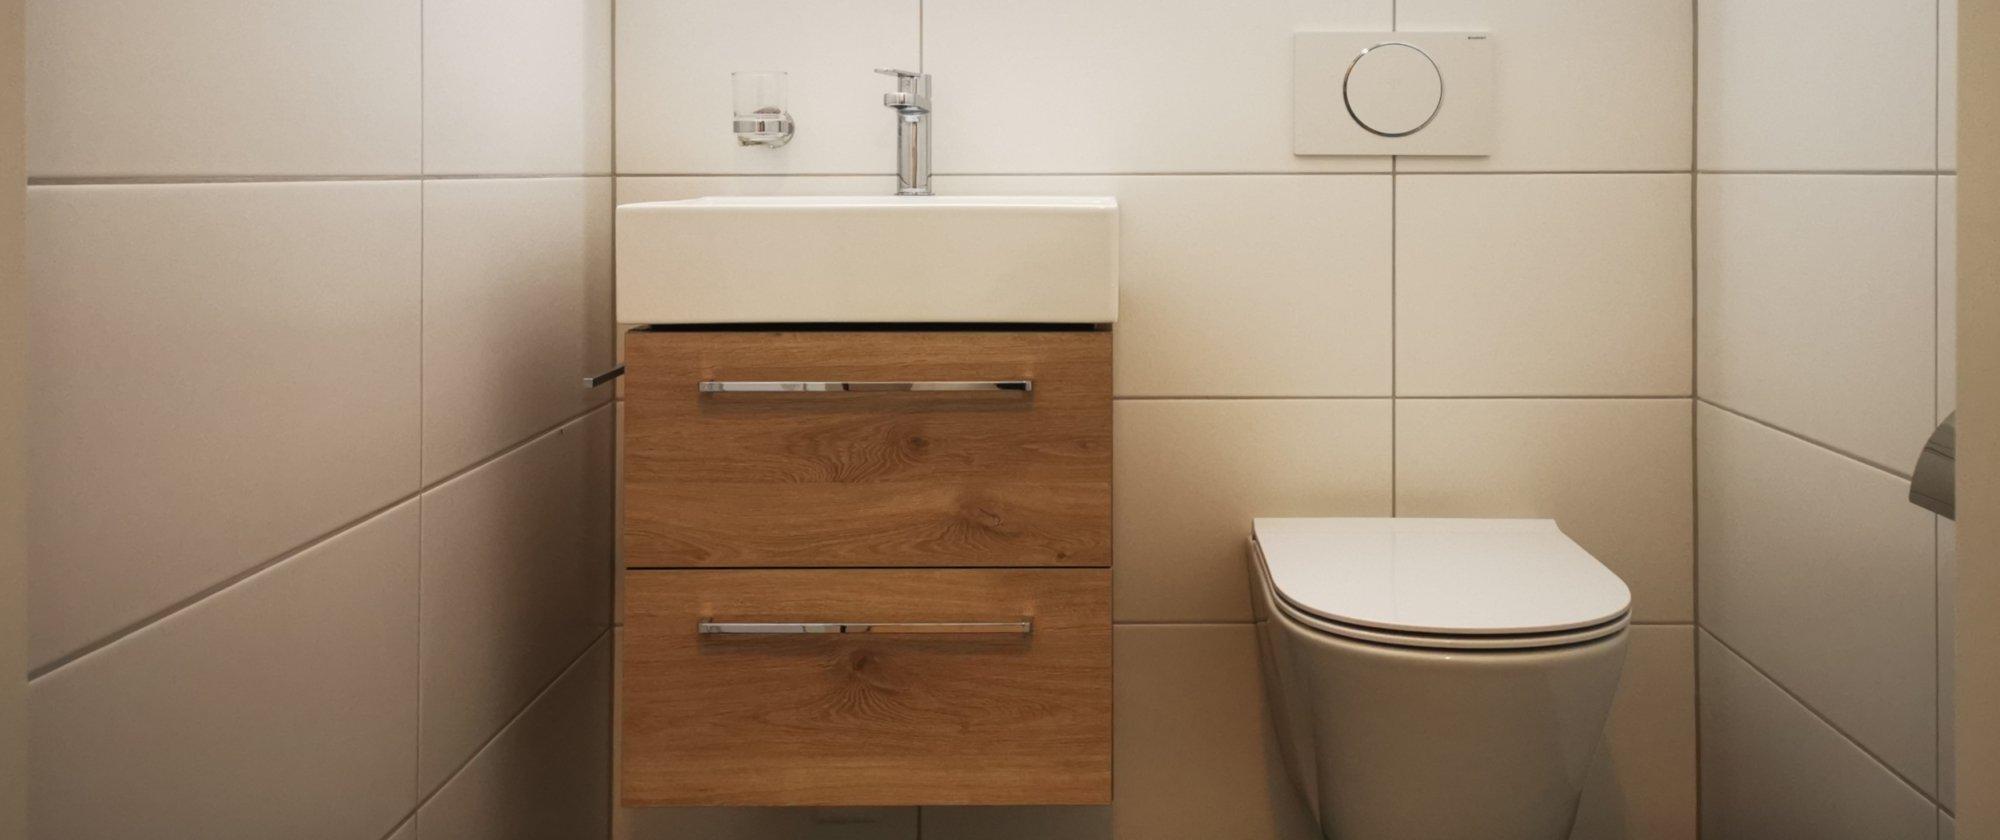 die Wohnung glänzt neu mit einem modernen separaten WC